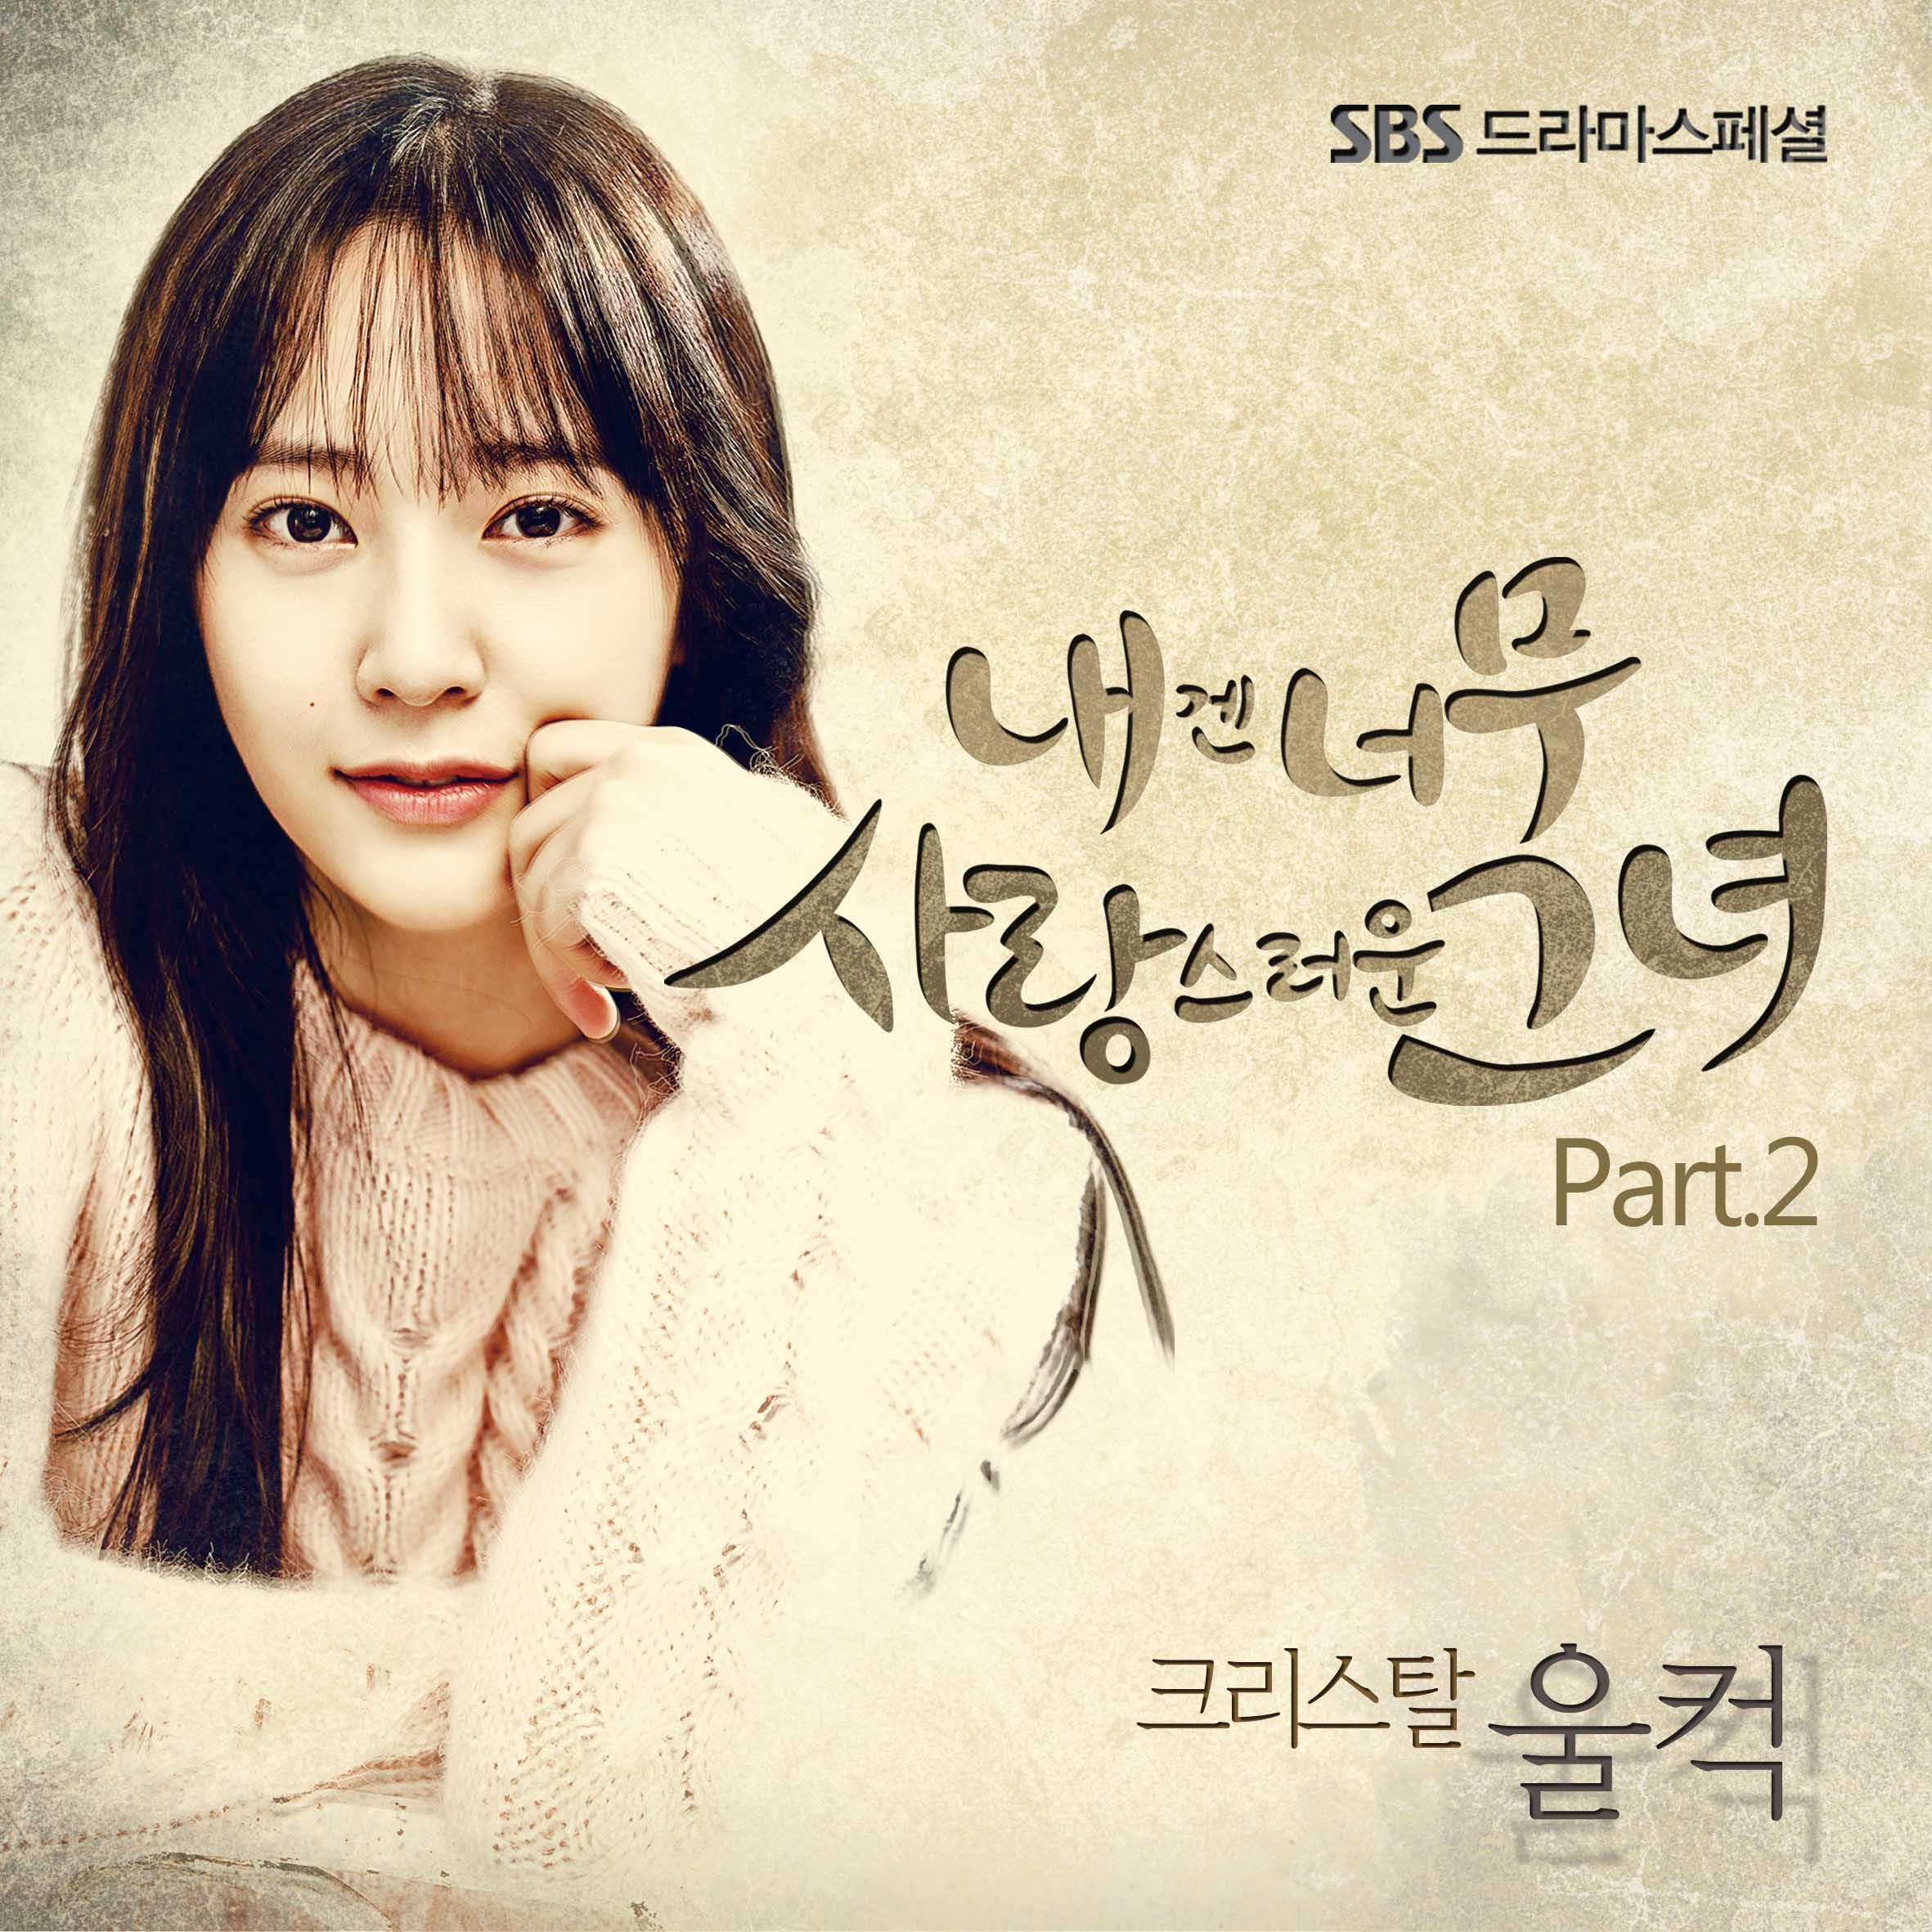 很可爱的韩语歌